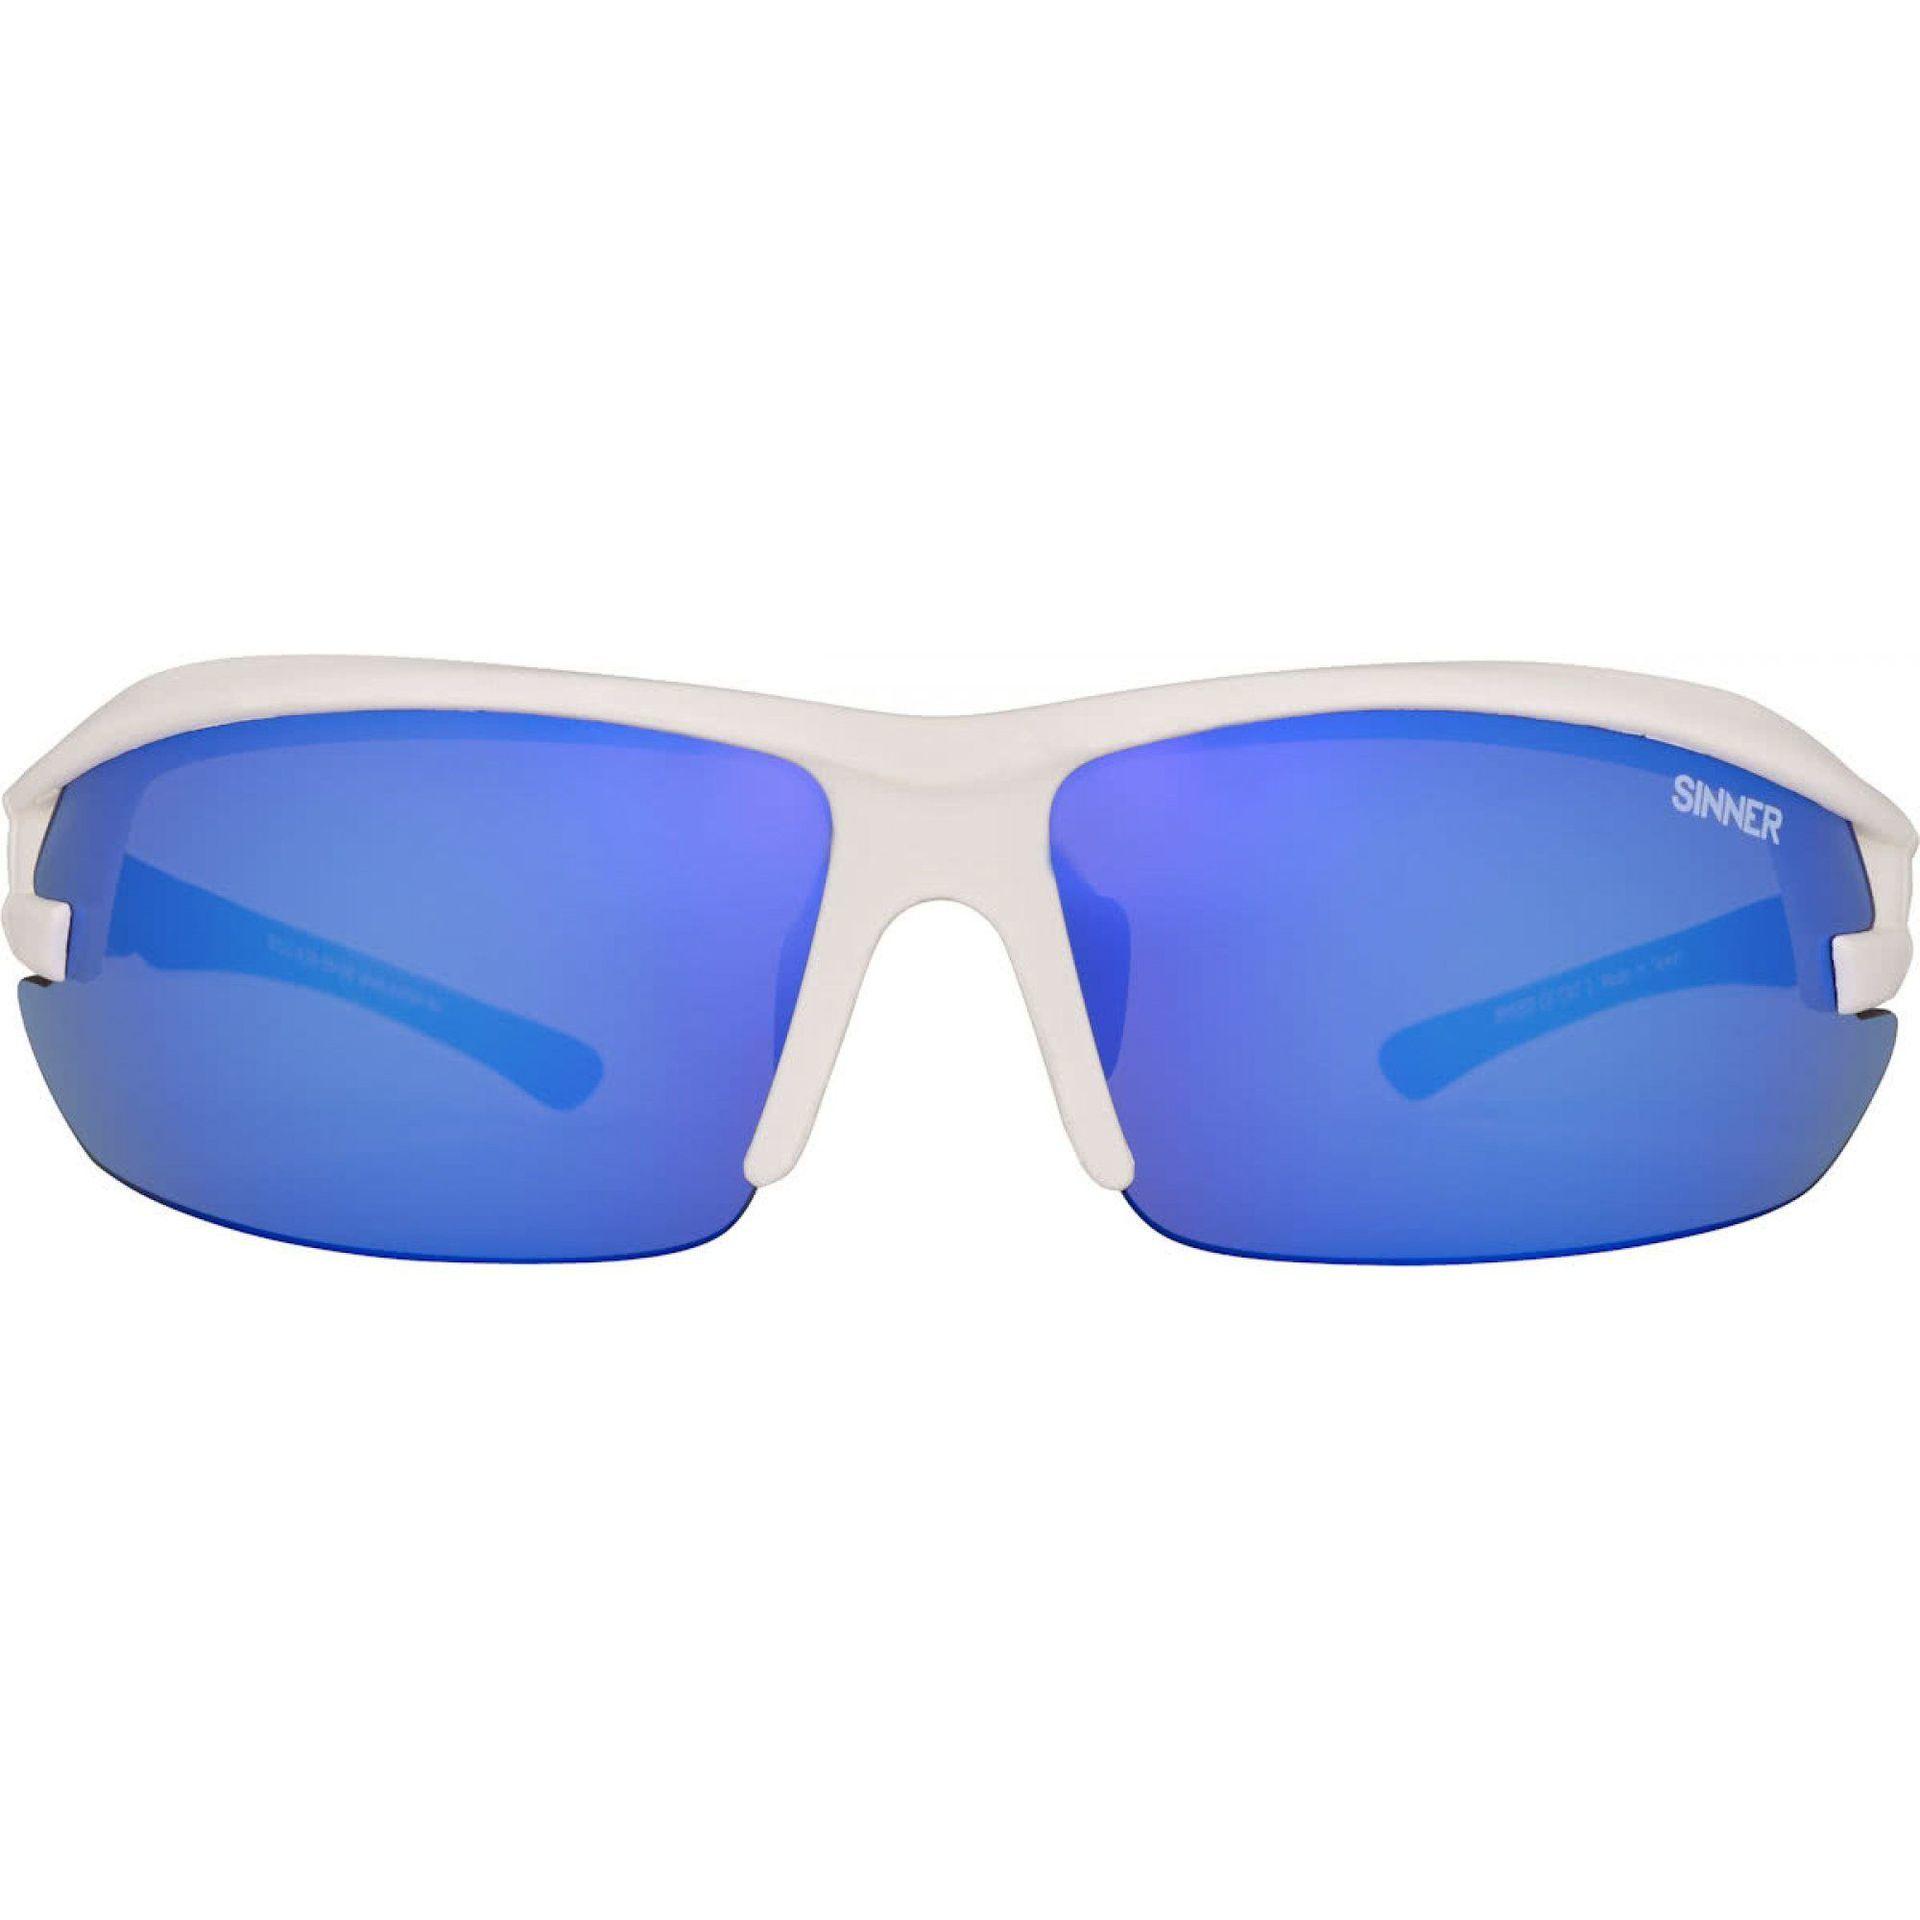 OKULARY SINNER SPEED WHITE|BLUE 2